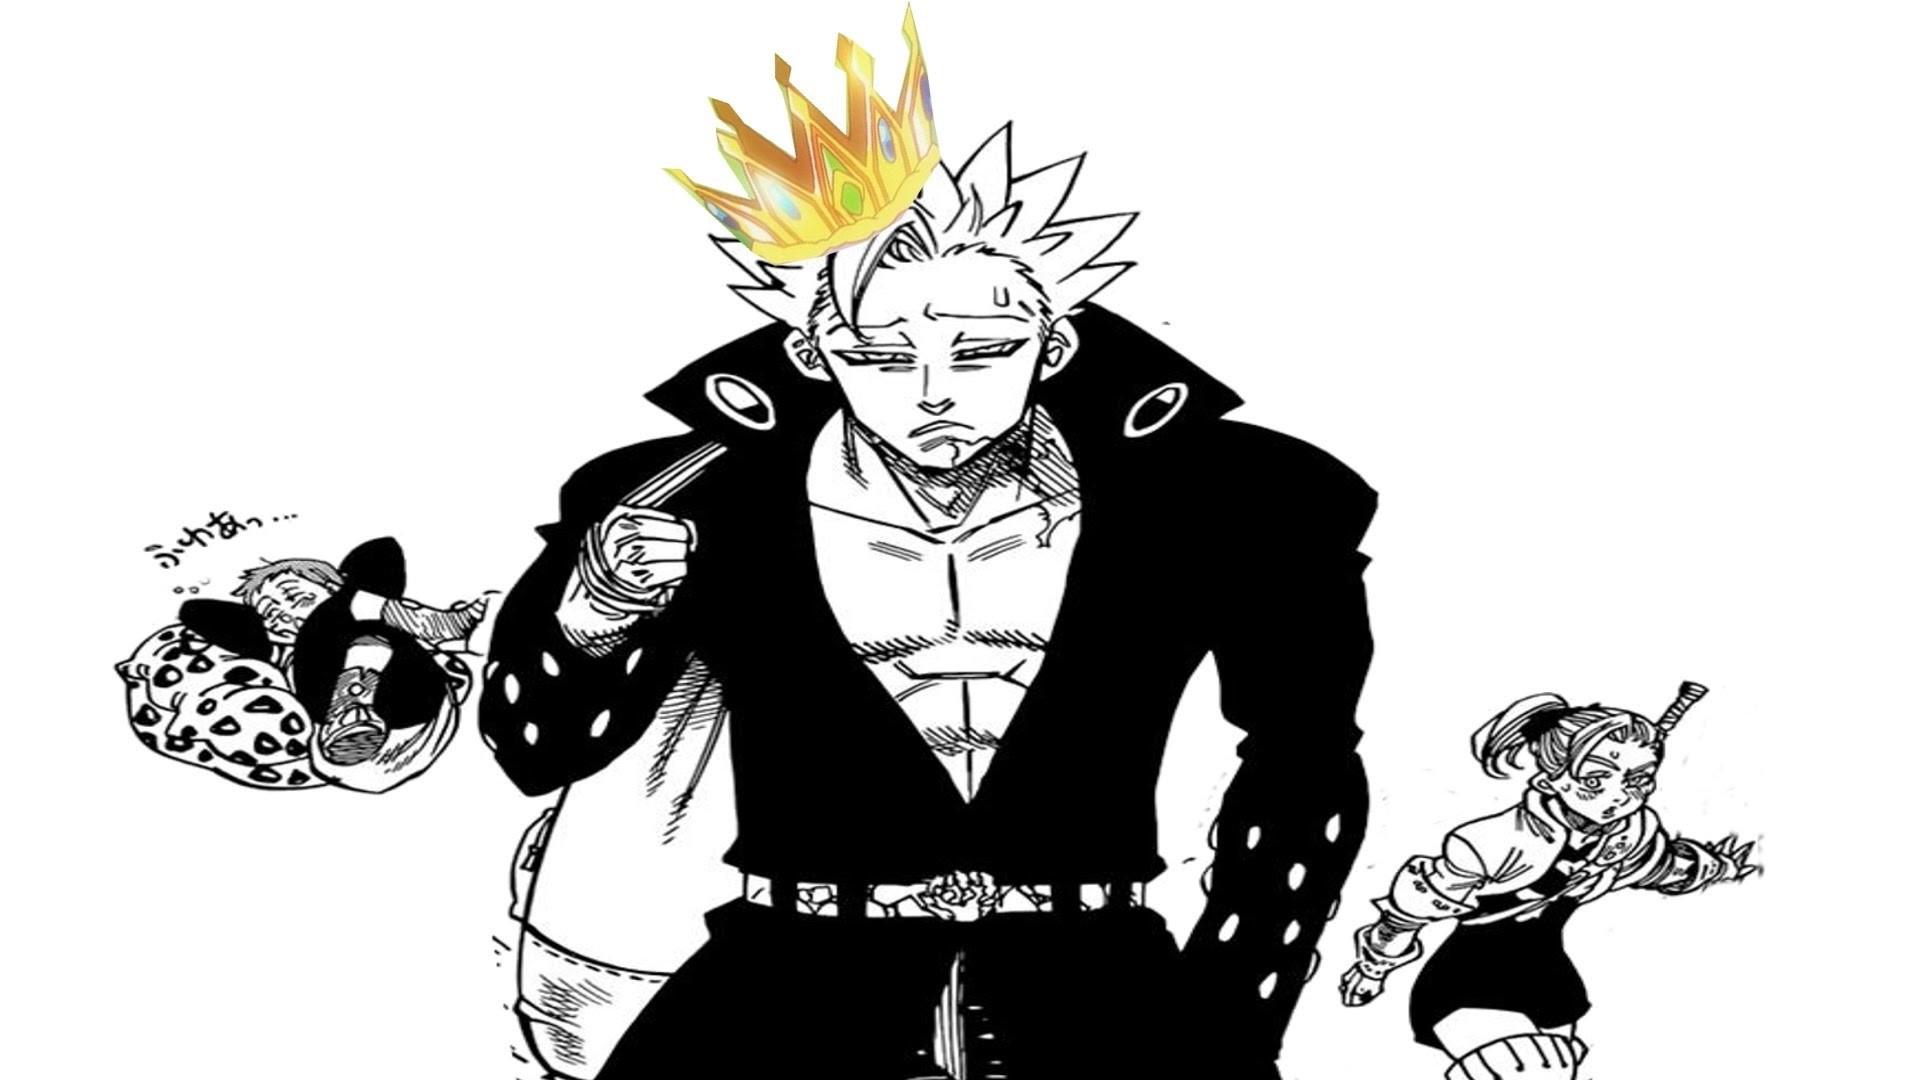 Nanatsu no Taizai Manga Chapter 104 Review 七つの大罪 – Fairy King Ban!?